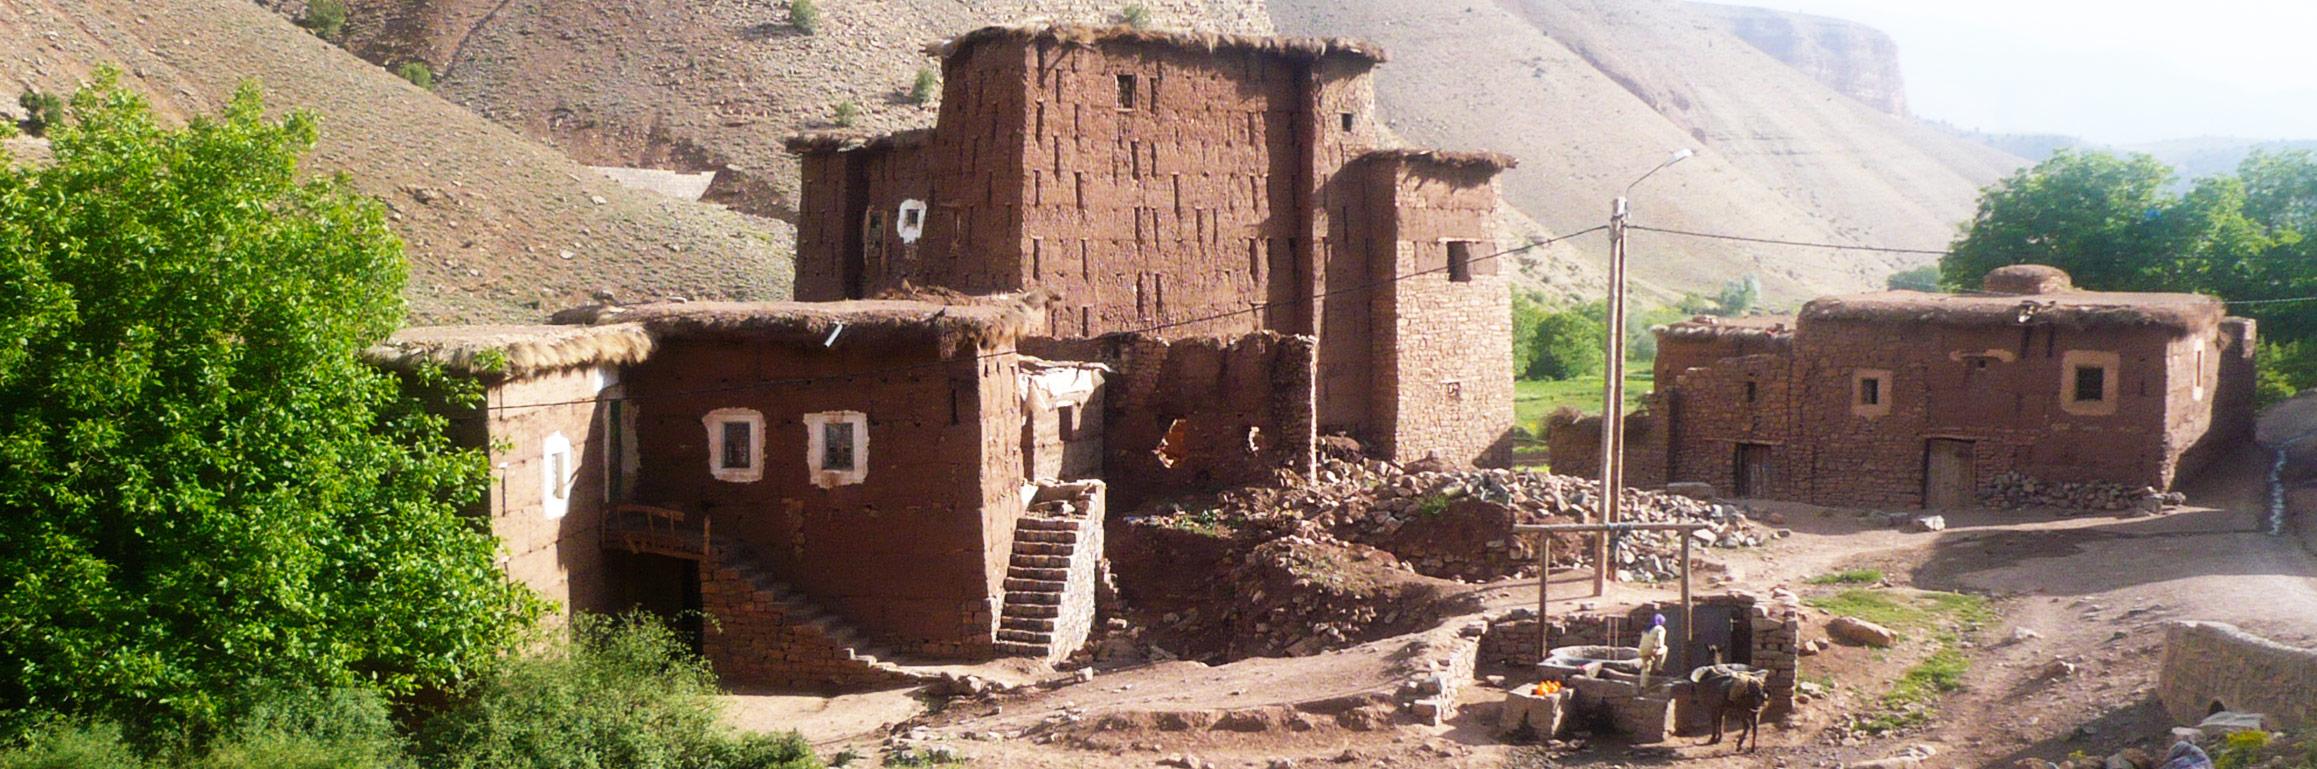 poble de quatre cases situat a l'Atlas, Marroc